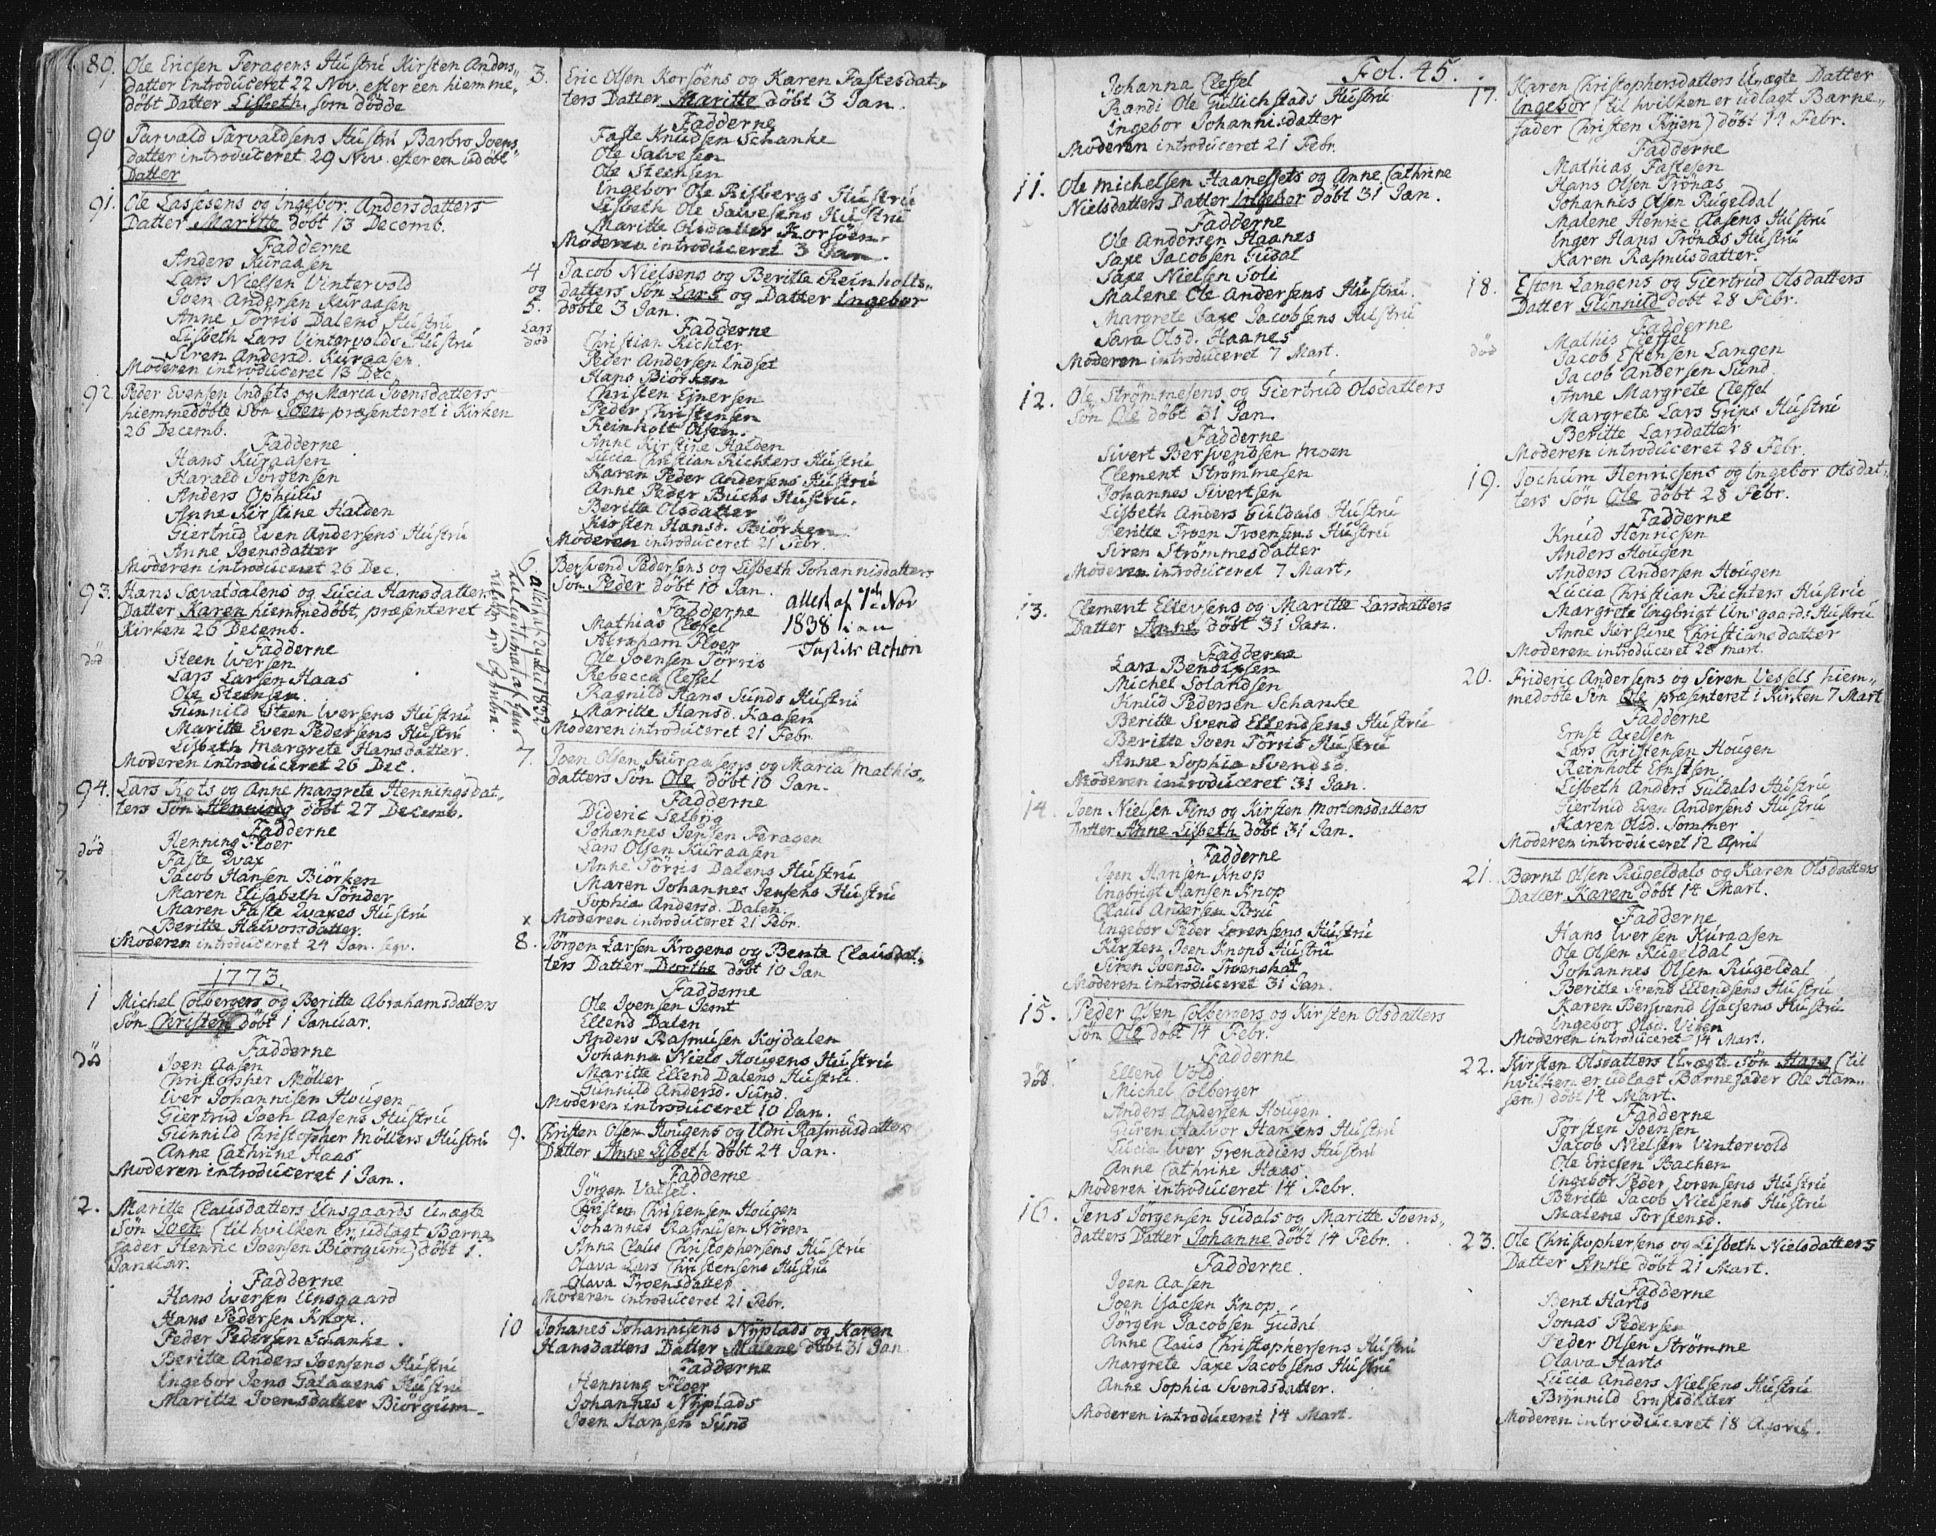 SAT, Ministerialprotokoller, klokkerbøker og fødselsregistre - Sør-Trøndelag, 681/L0926: Ministerialbok nr. 681A04, 1767-1797, s. 45